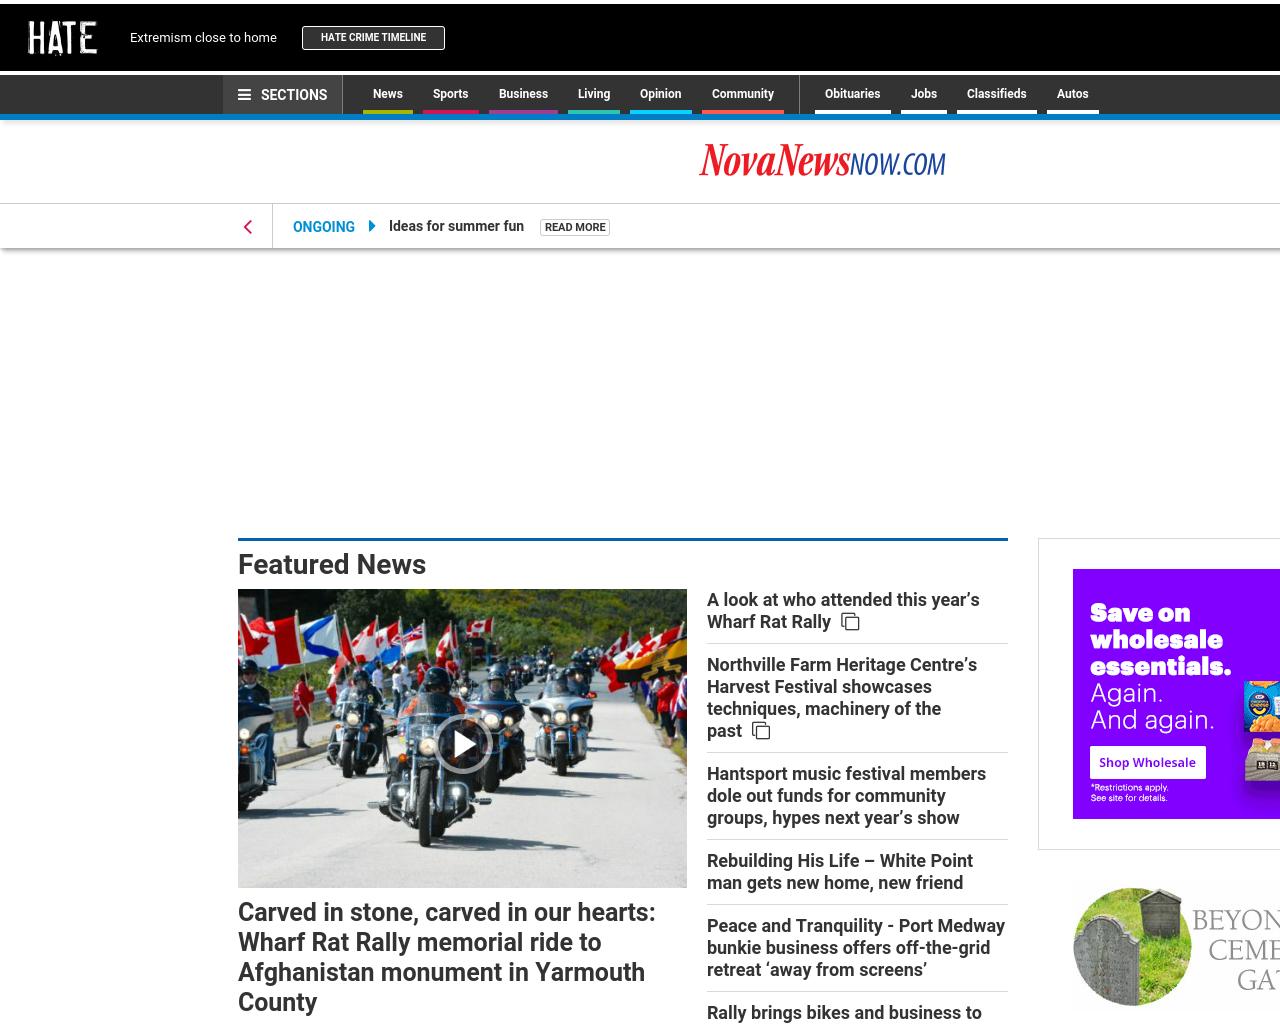 NovaNewsNow.com-Advertising-Reviews-Pricing